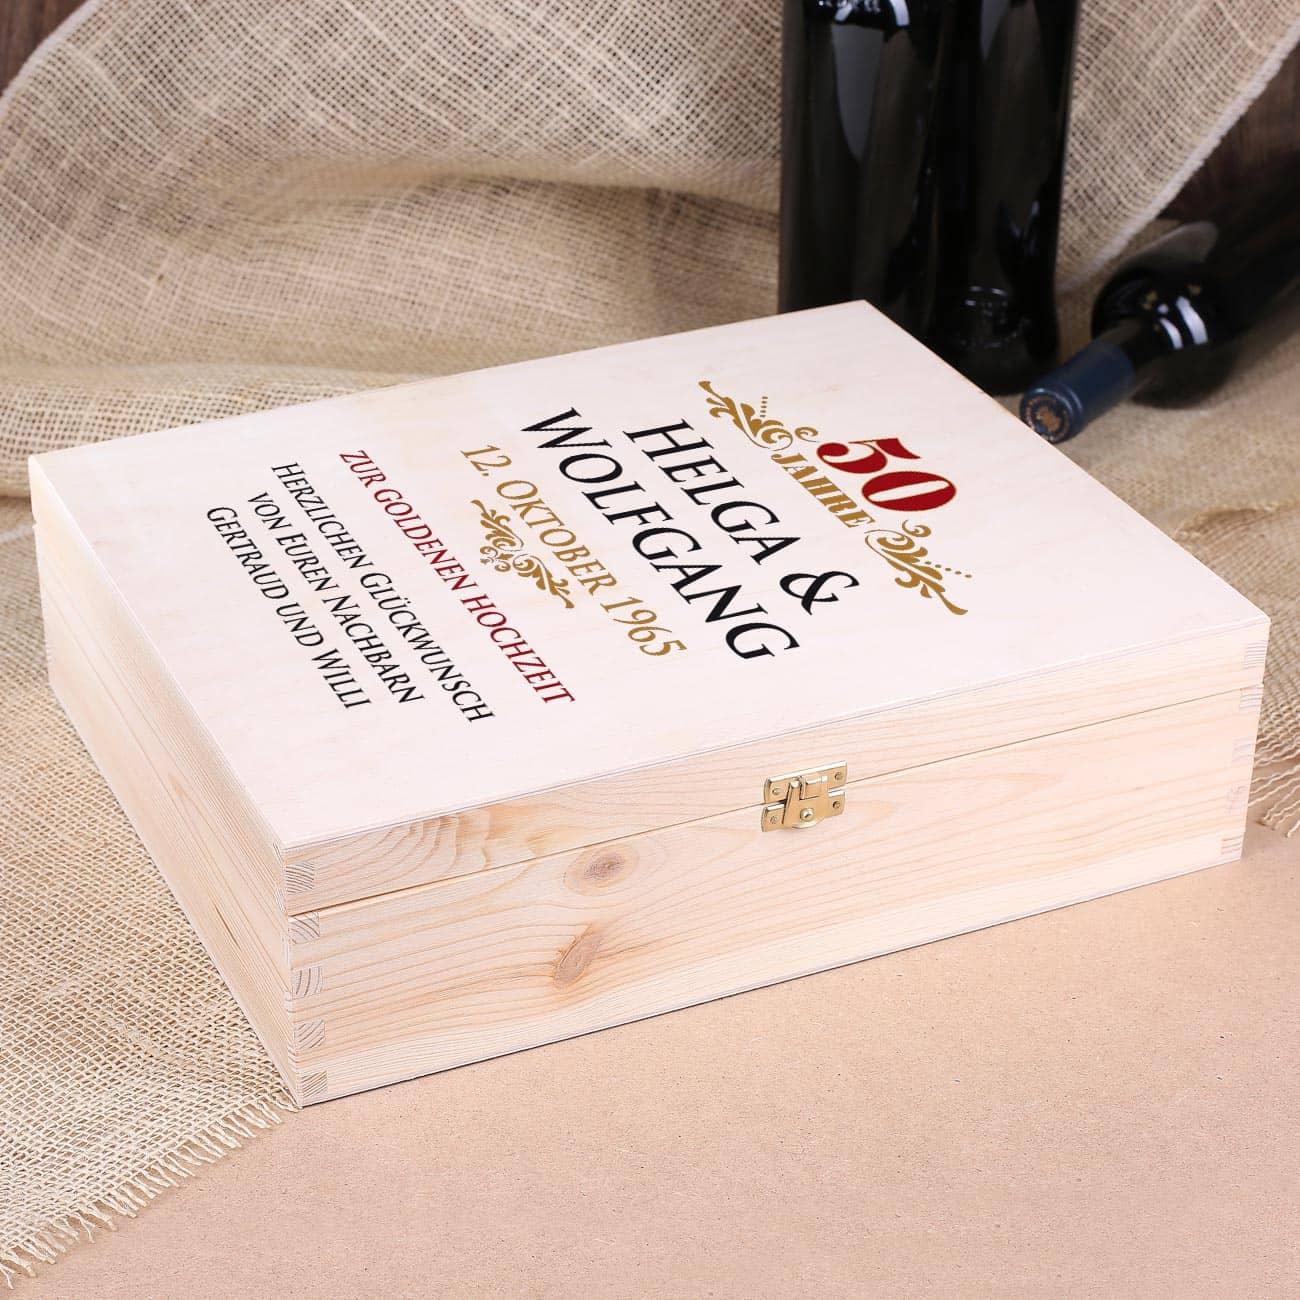 bedruckte holzkiste als geschenkverpackung zur goldenen hochzeit mit namen datum. Black Bedroom Furniture Sets. Home Design Ideas